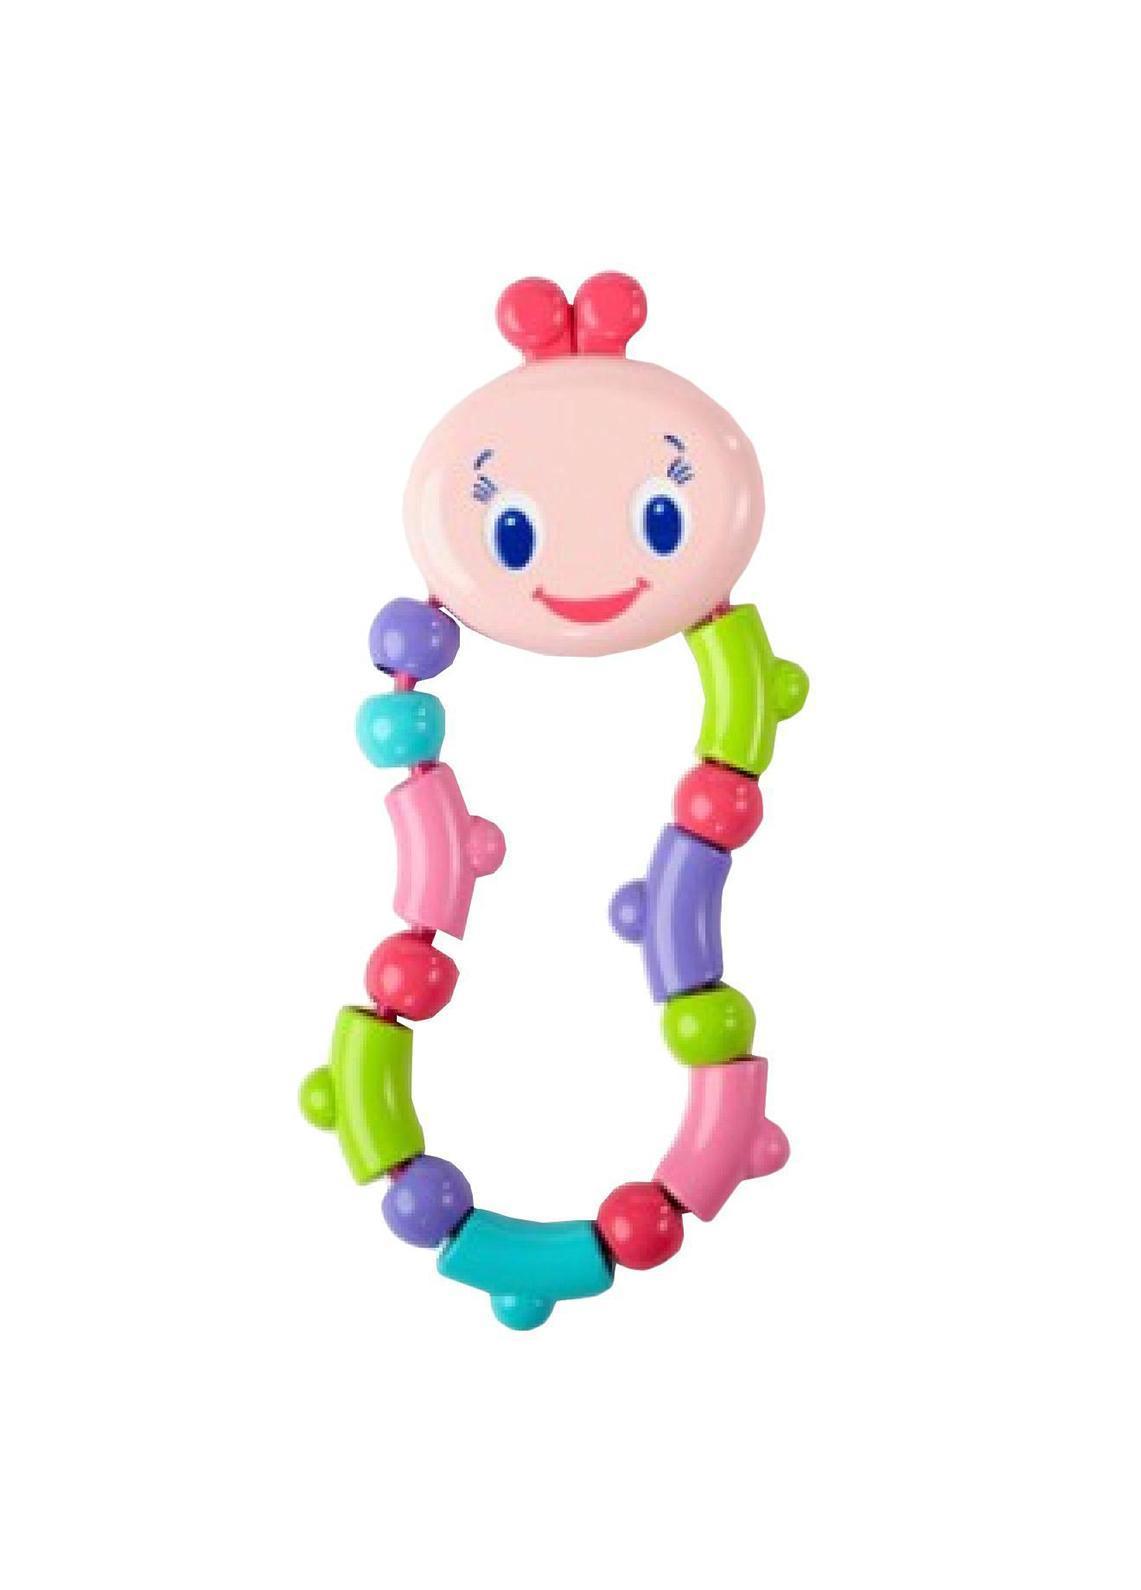 Bright Starts развивающая игрушка-прорезыватель Гусеничка, цвет: желтыйP9059Развивающая игрушка-прорезыватель Гусеничка представляет собой очаровательную мордочку гусеницы с прикрепленными к ней яркими элементами оранжевого, голубого, зеленого, желтого, салатового и красного цветов, скрепленных между собой гибкой веревочкой. Ваш малыш с удовольствием будет кусать, сжимать и крутить эту игрушку! Игрушка-прорезыватель способствует развитию цветовосприятия и мелкой моторики рук.